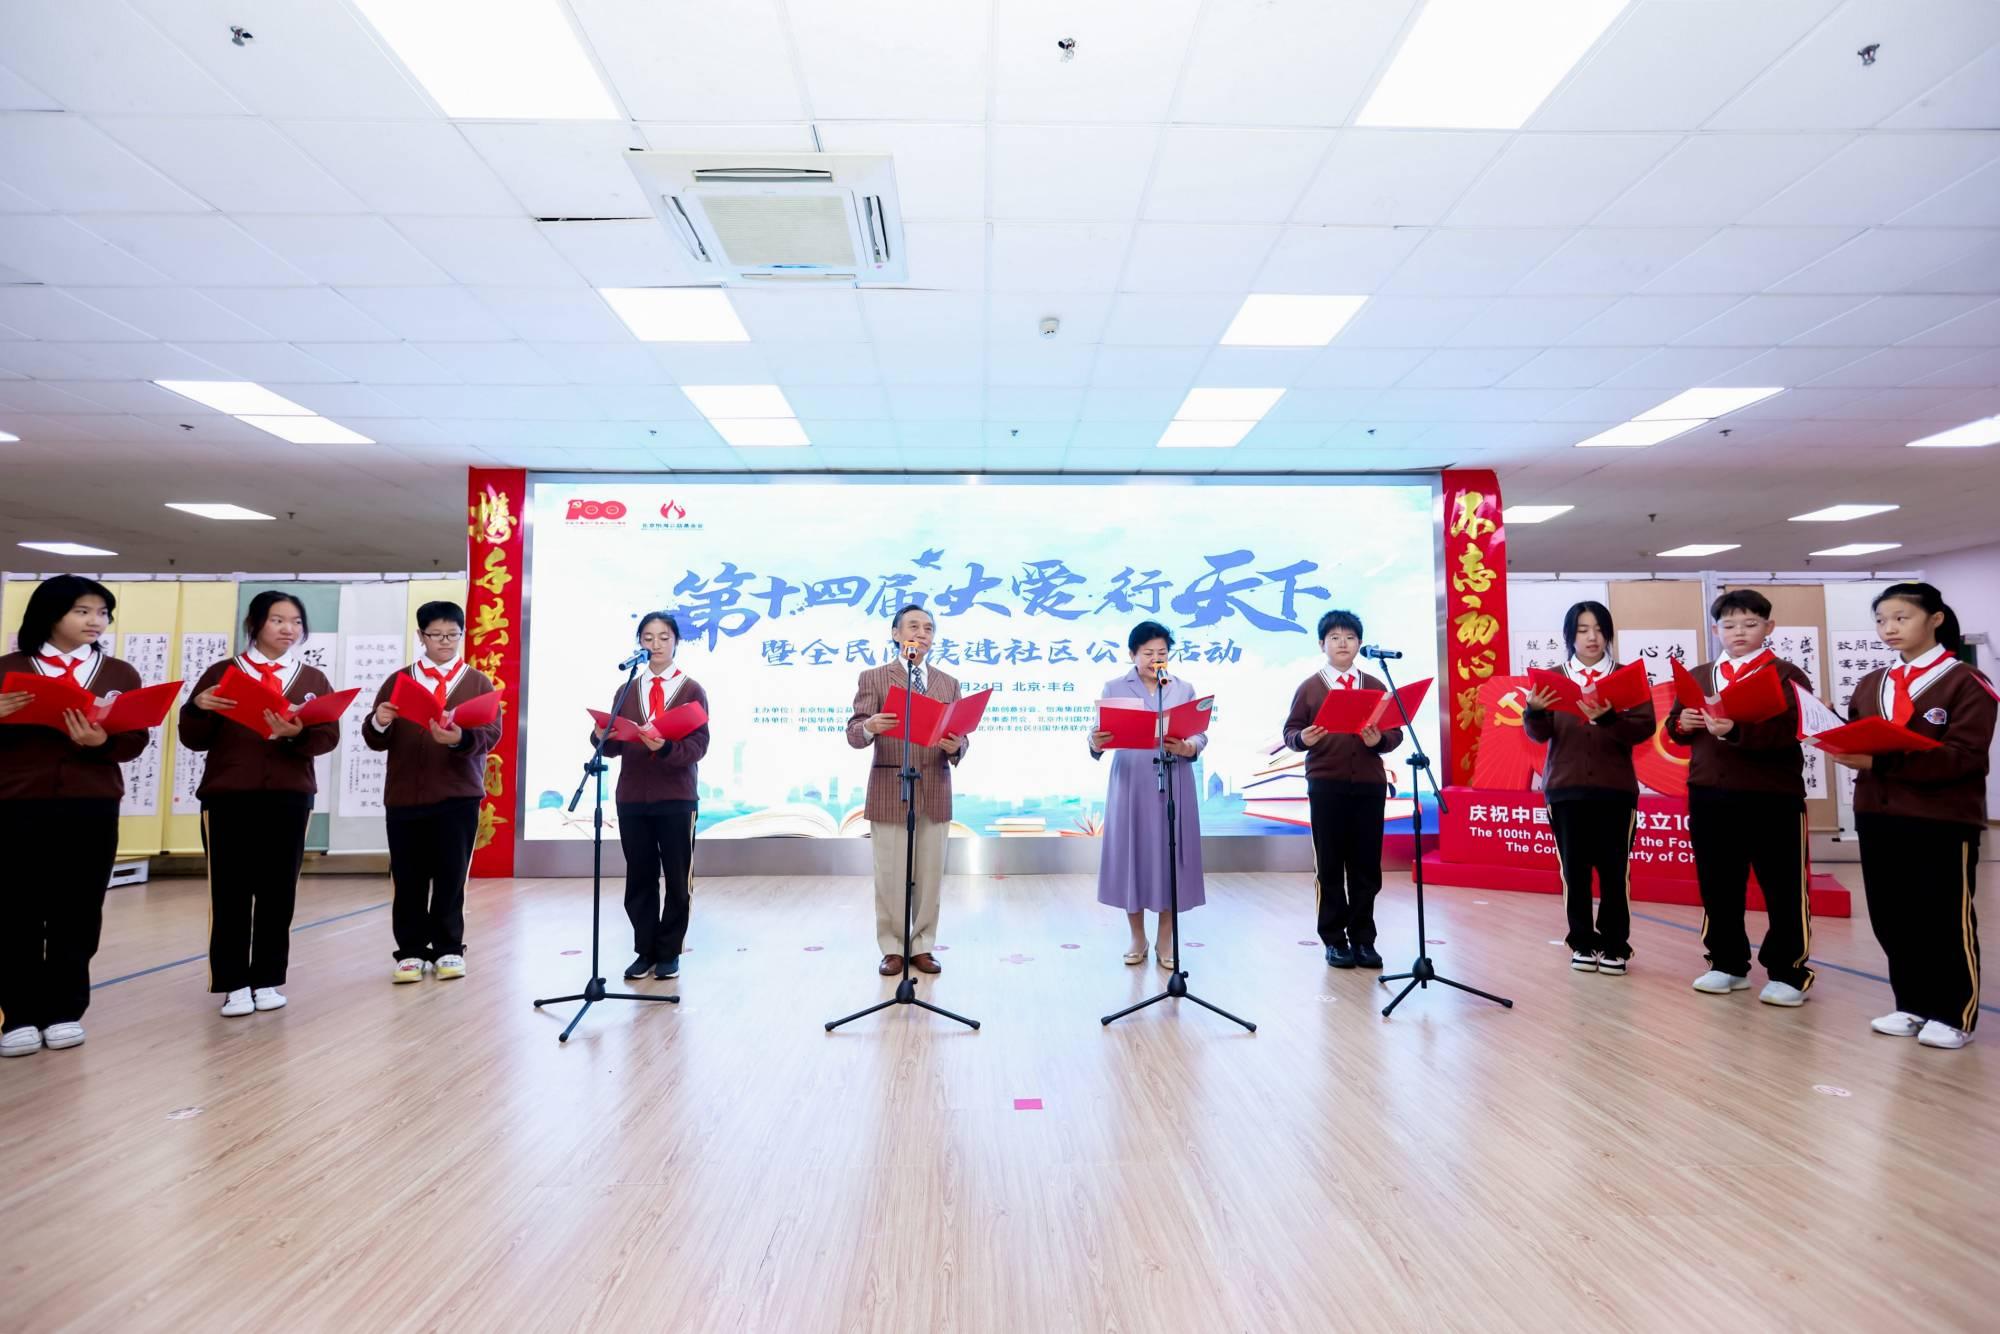 丰台区新村街道怡海花园社区举办全民阅读进社区公益活动